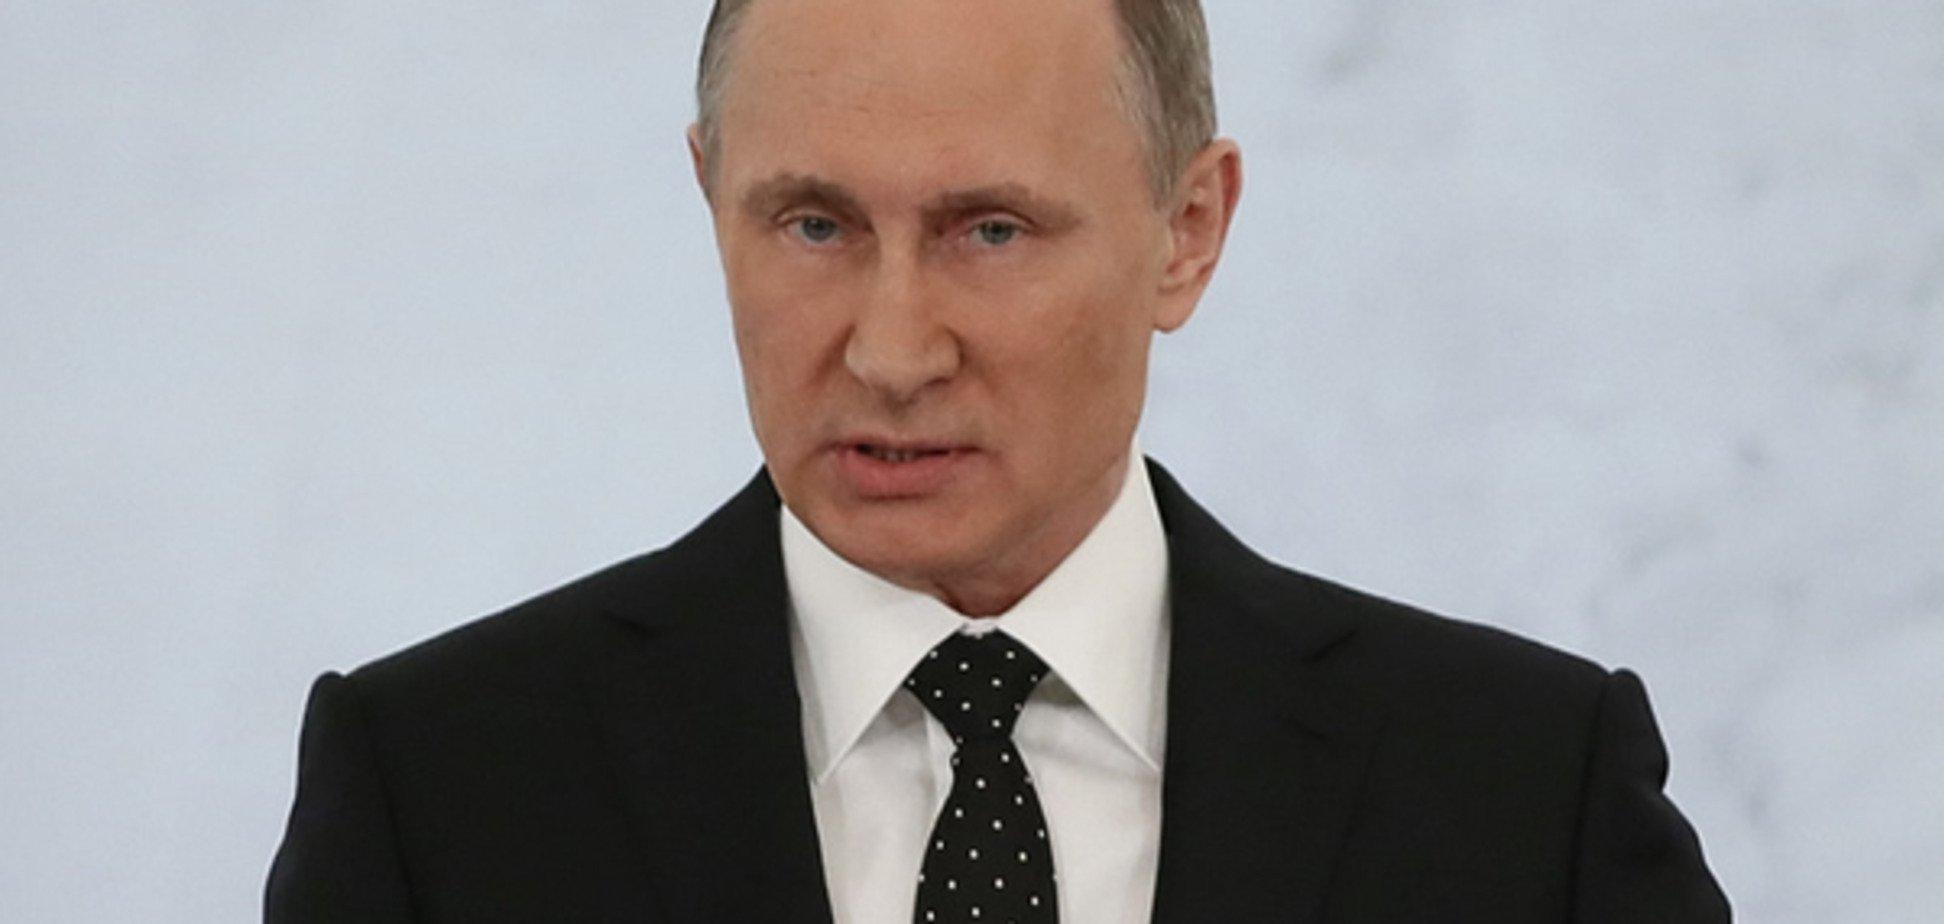 Путін пригрозив Туреччині і пообіцяв жорстко помститися: ми знаємо, що потрібно робити